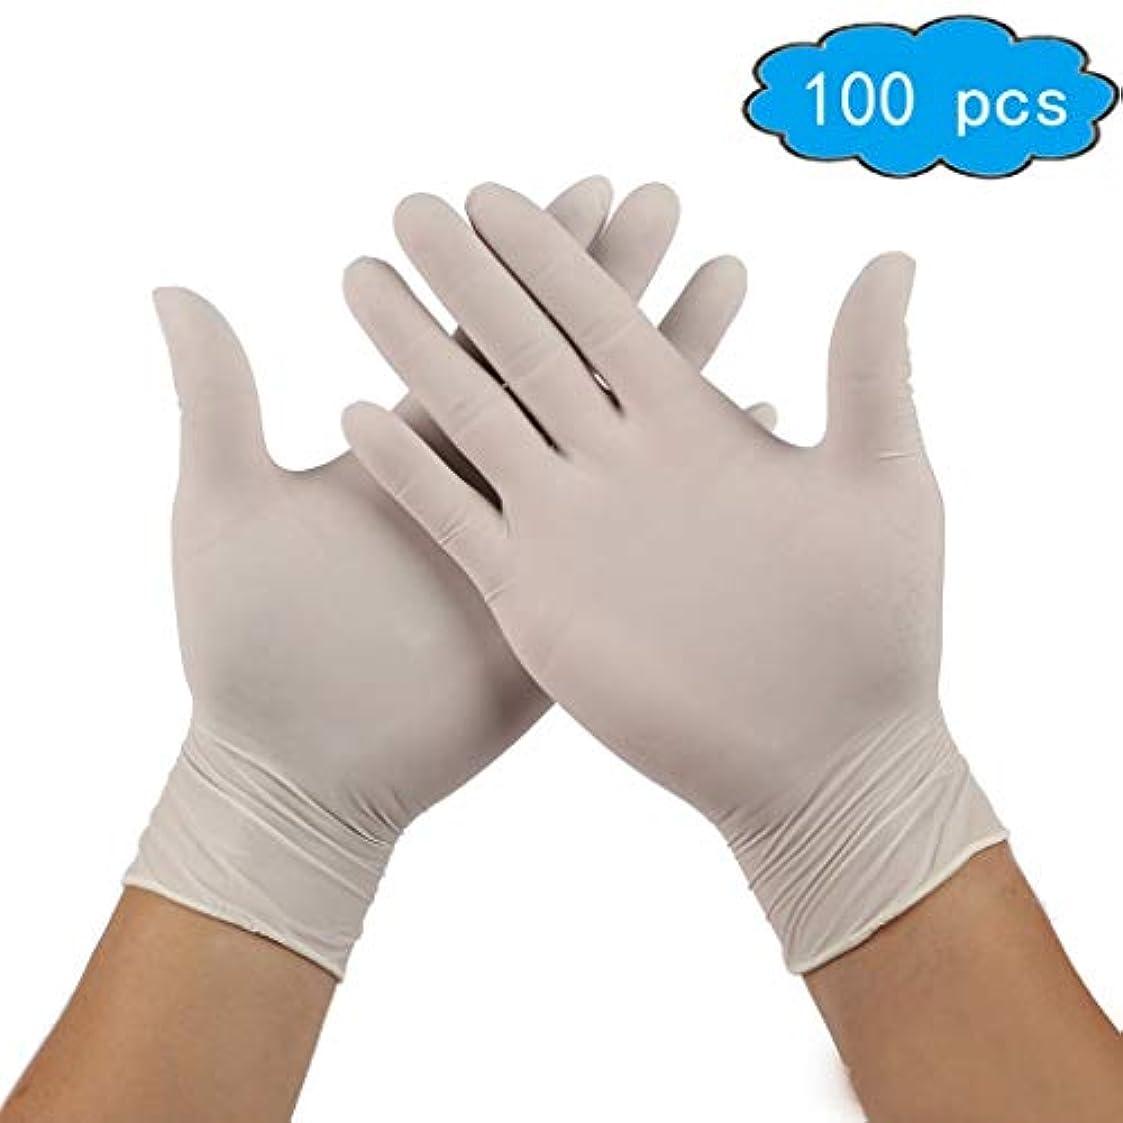 メーター記念碑的なレプリカ使い捨てニトリル手袋 - 医療グレード、非滅菌、食品安全、100のパック (Color : White, Size : M)